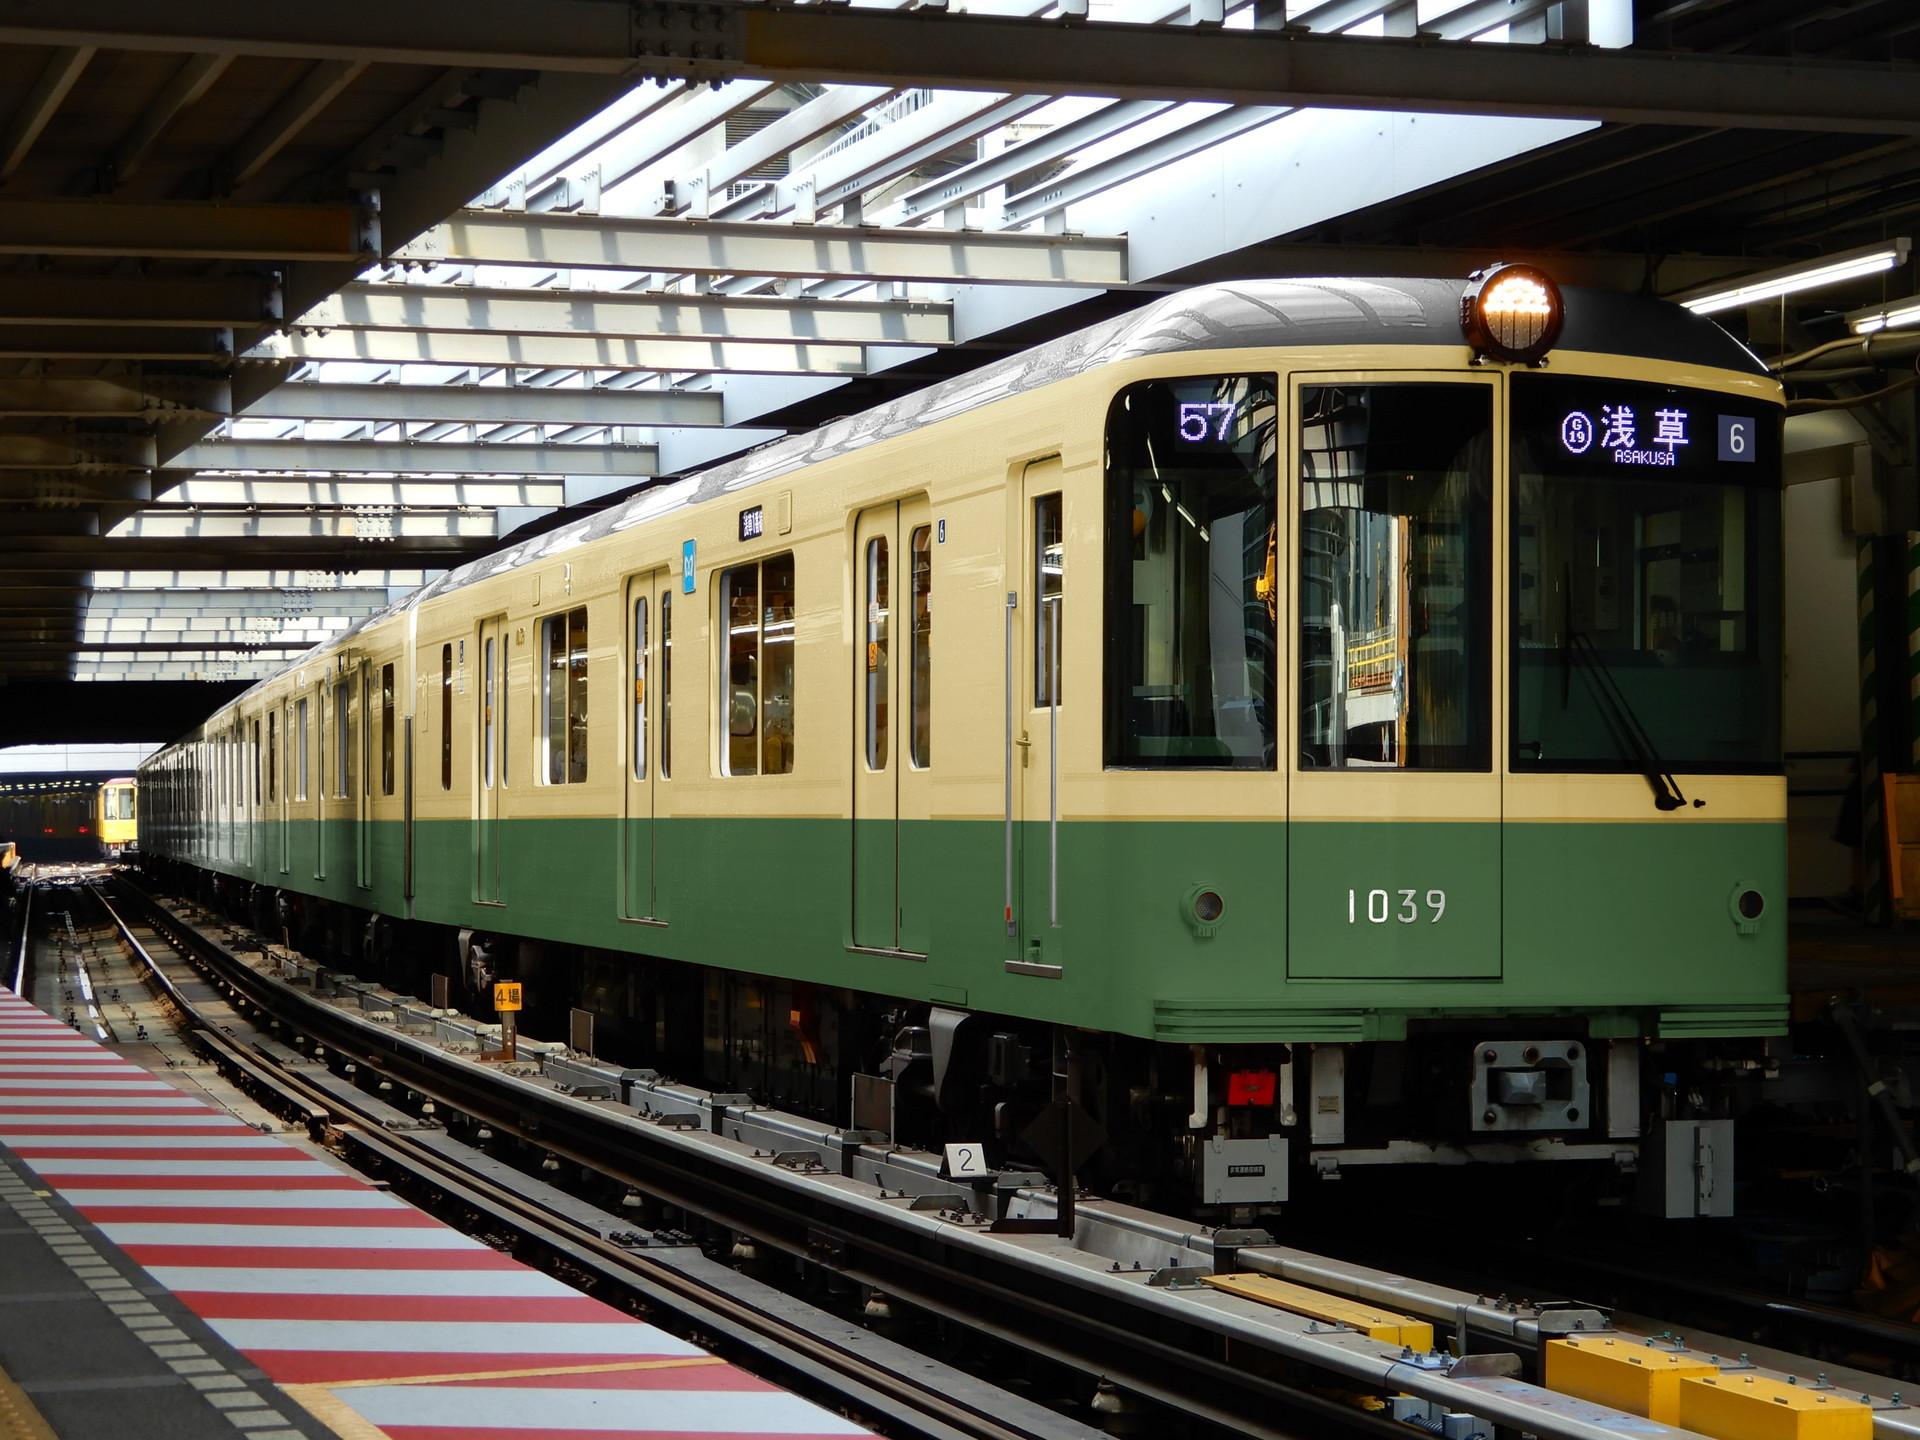 東京メトロ1000系の東京高速鉄道ウソ電